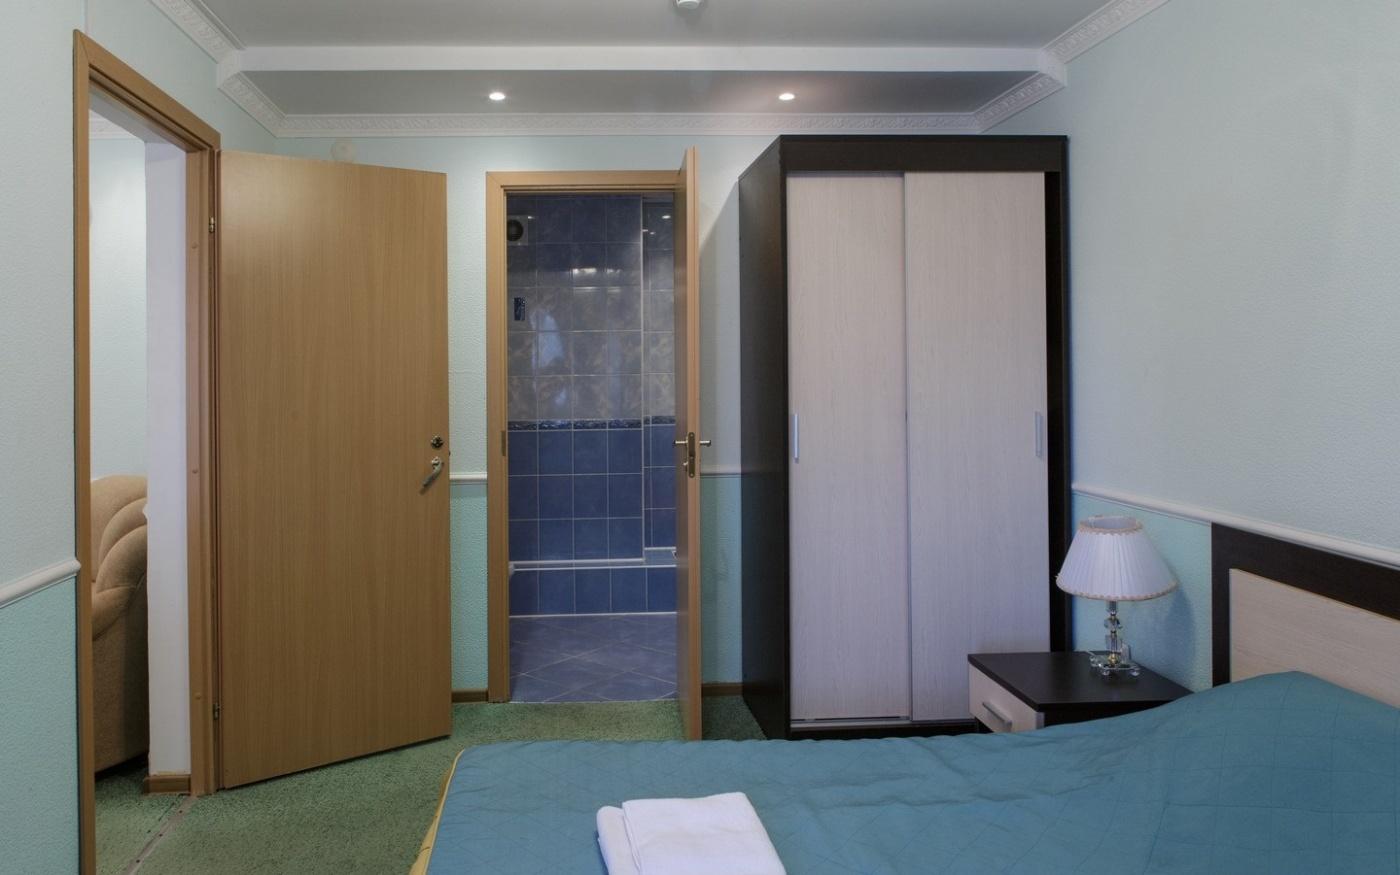 База отдыха «Боровое» Московская область 2-местный 2-комнатный номер повышенной комфортности, фото 2